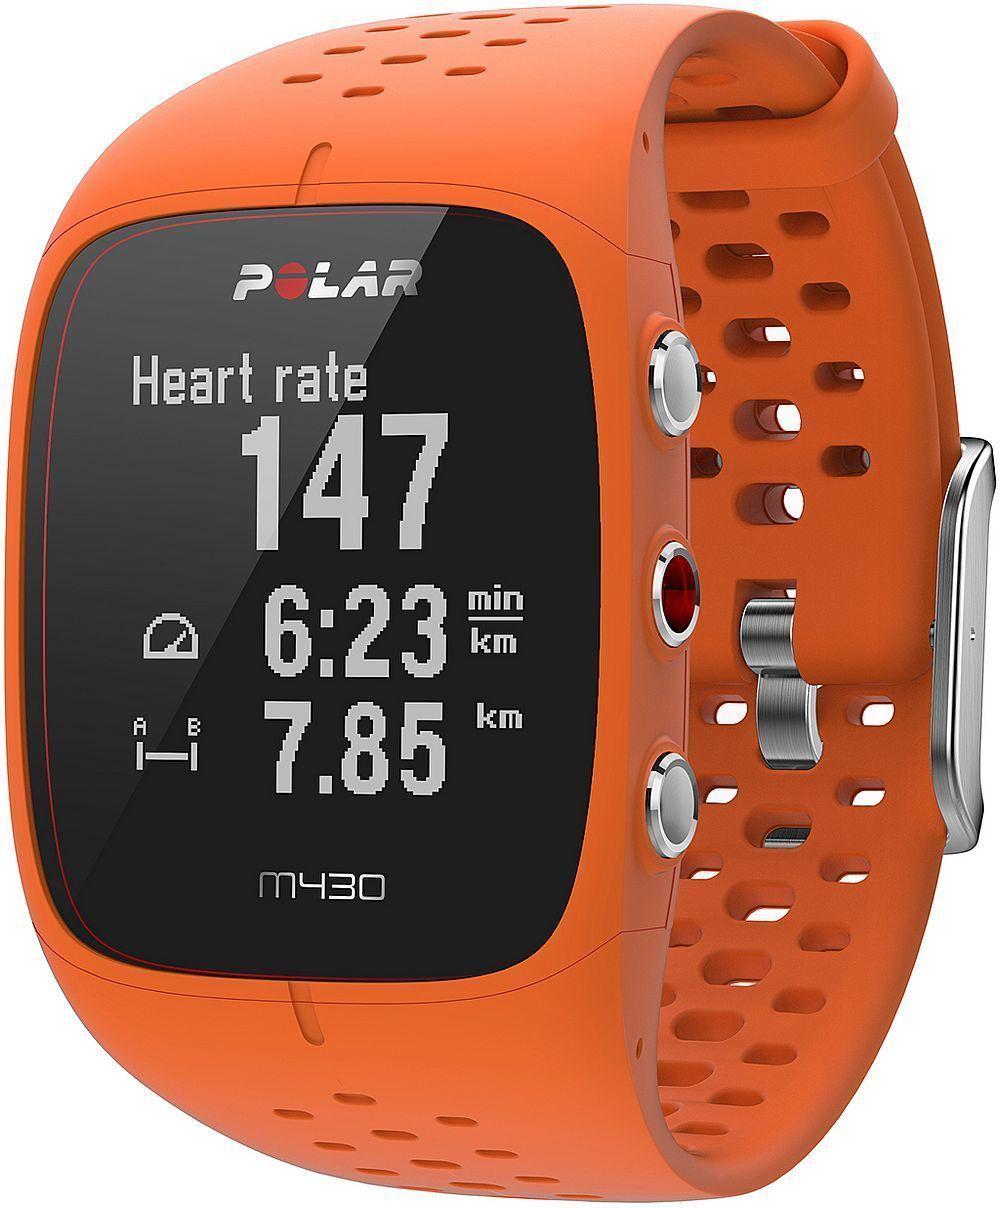 Polar M430 Orange GPS Sportuhr mit Pulsmessung am Handgelenk HR Pulsuhr NEU OVP